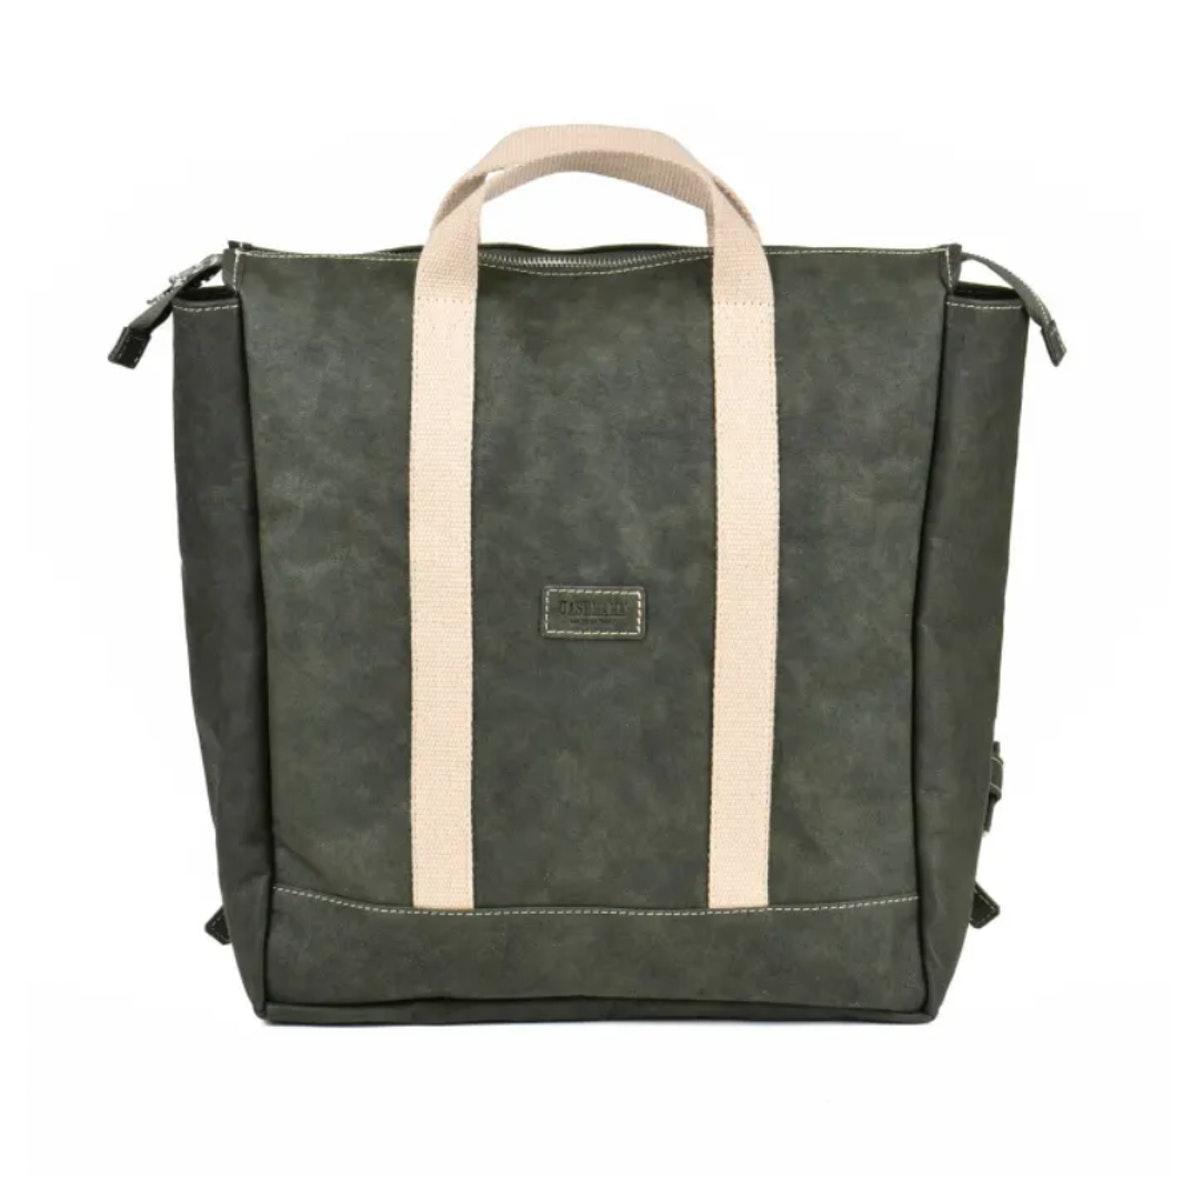 Uashmama Boston Bag Dark Green